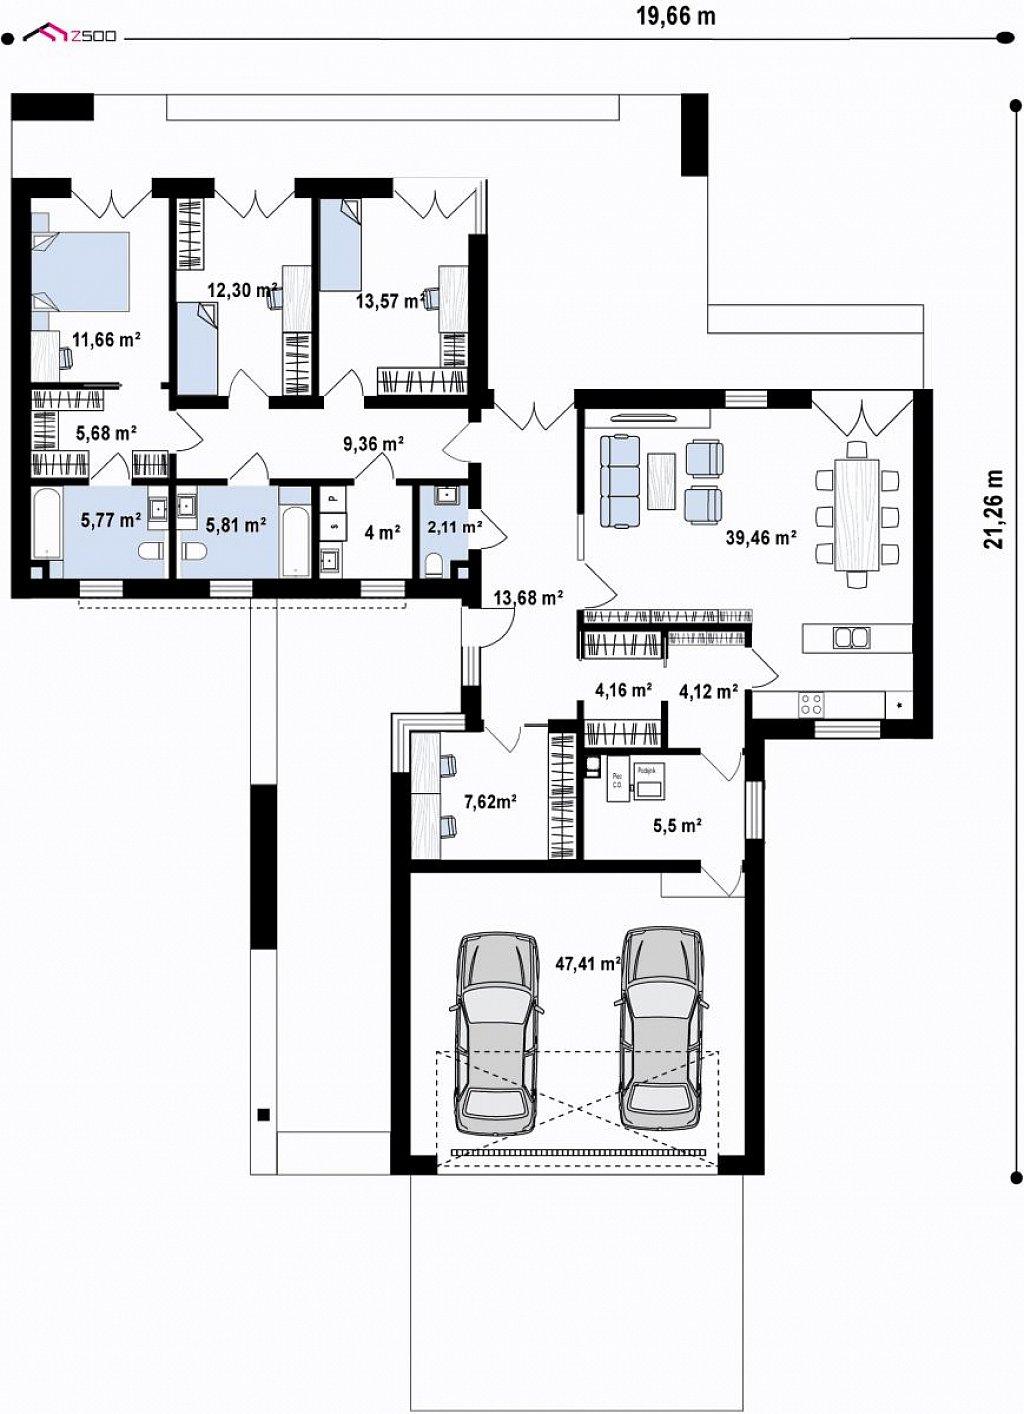 Первый этаж 191,6 м² дома Zx260